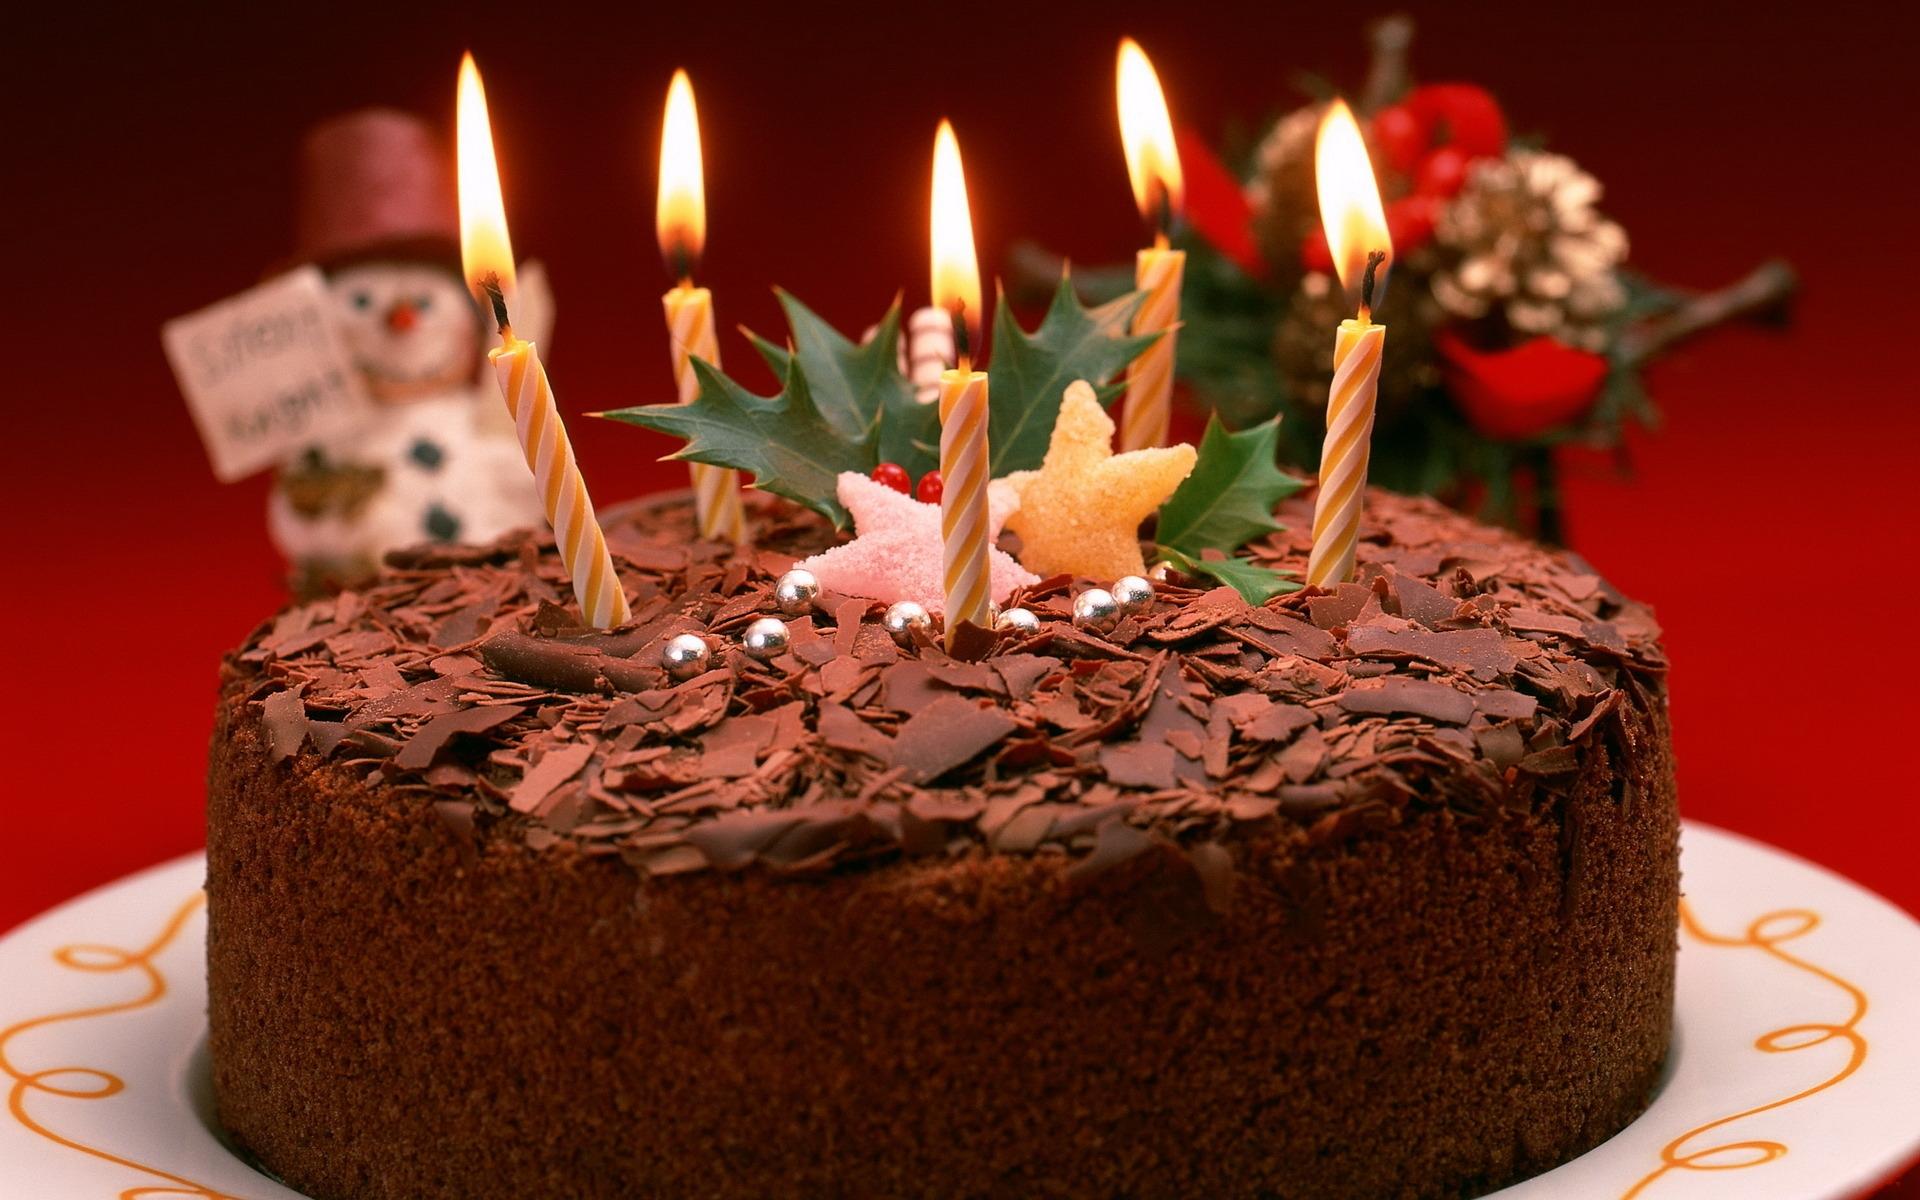 словам поздравить с днем рождения на дому в москве замерзшую трубу